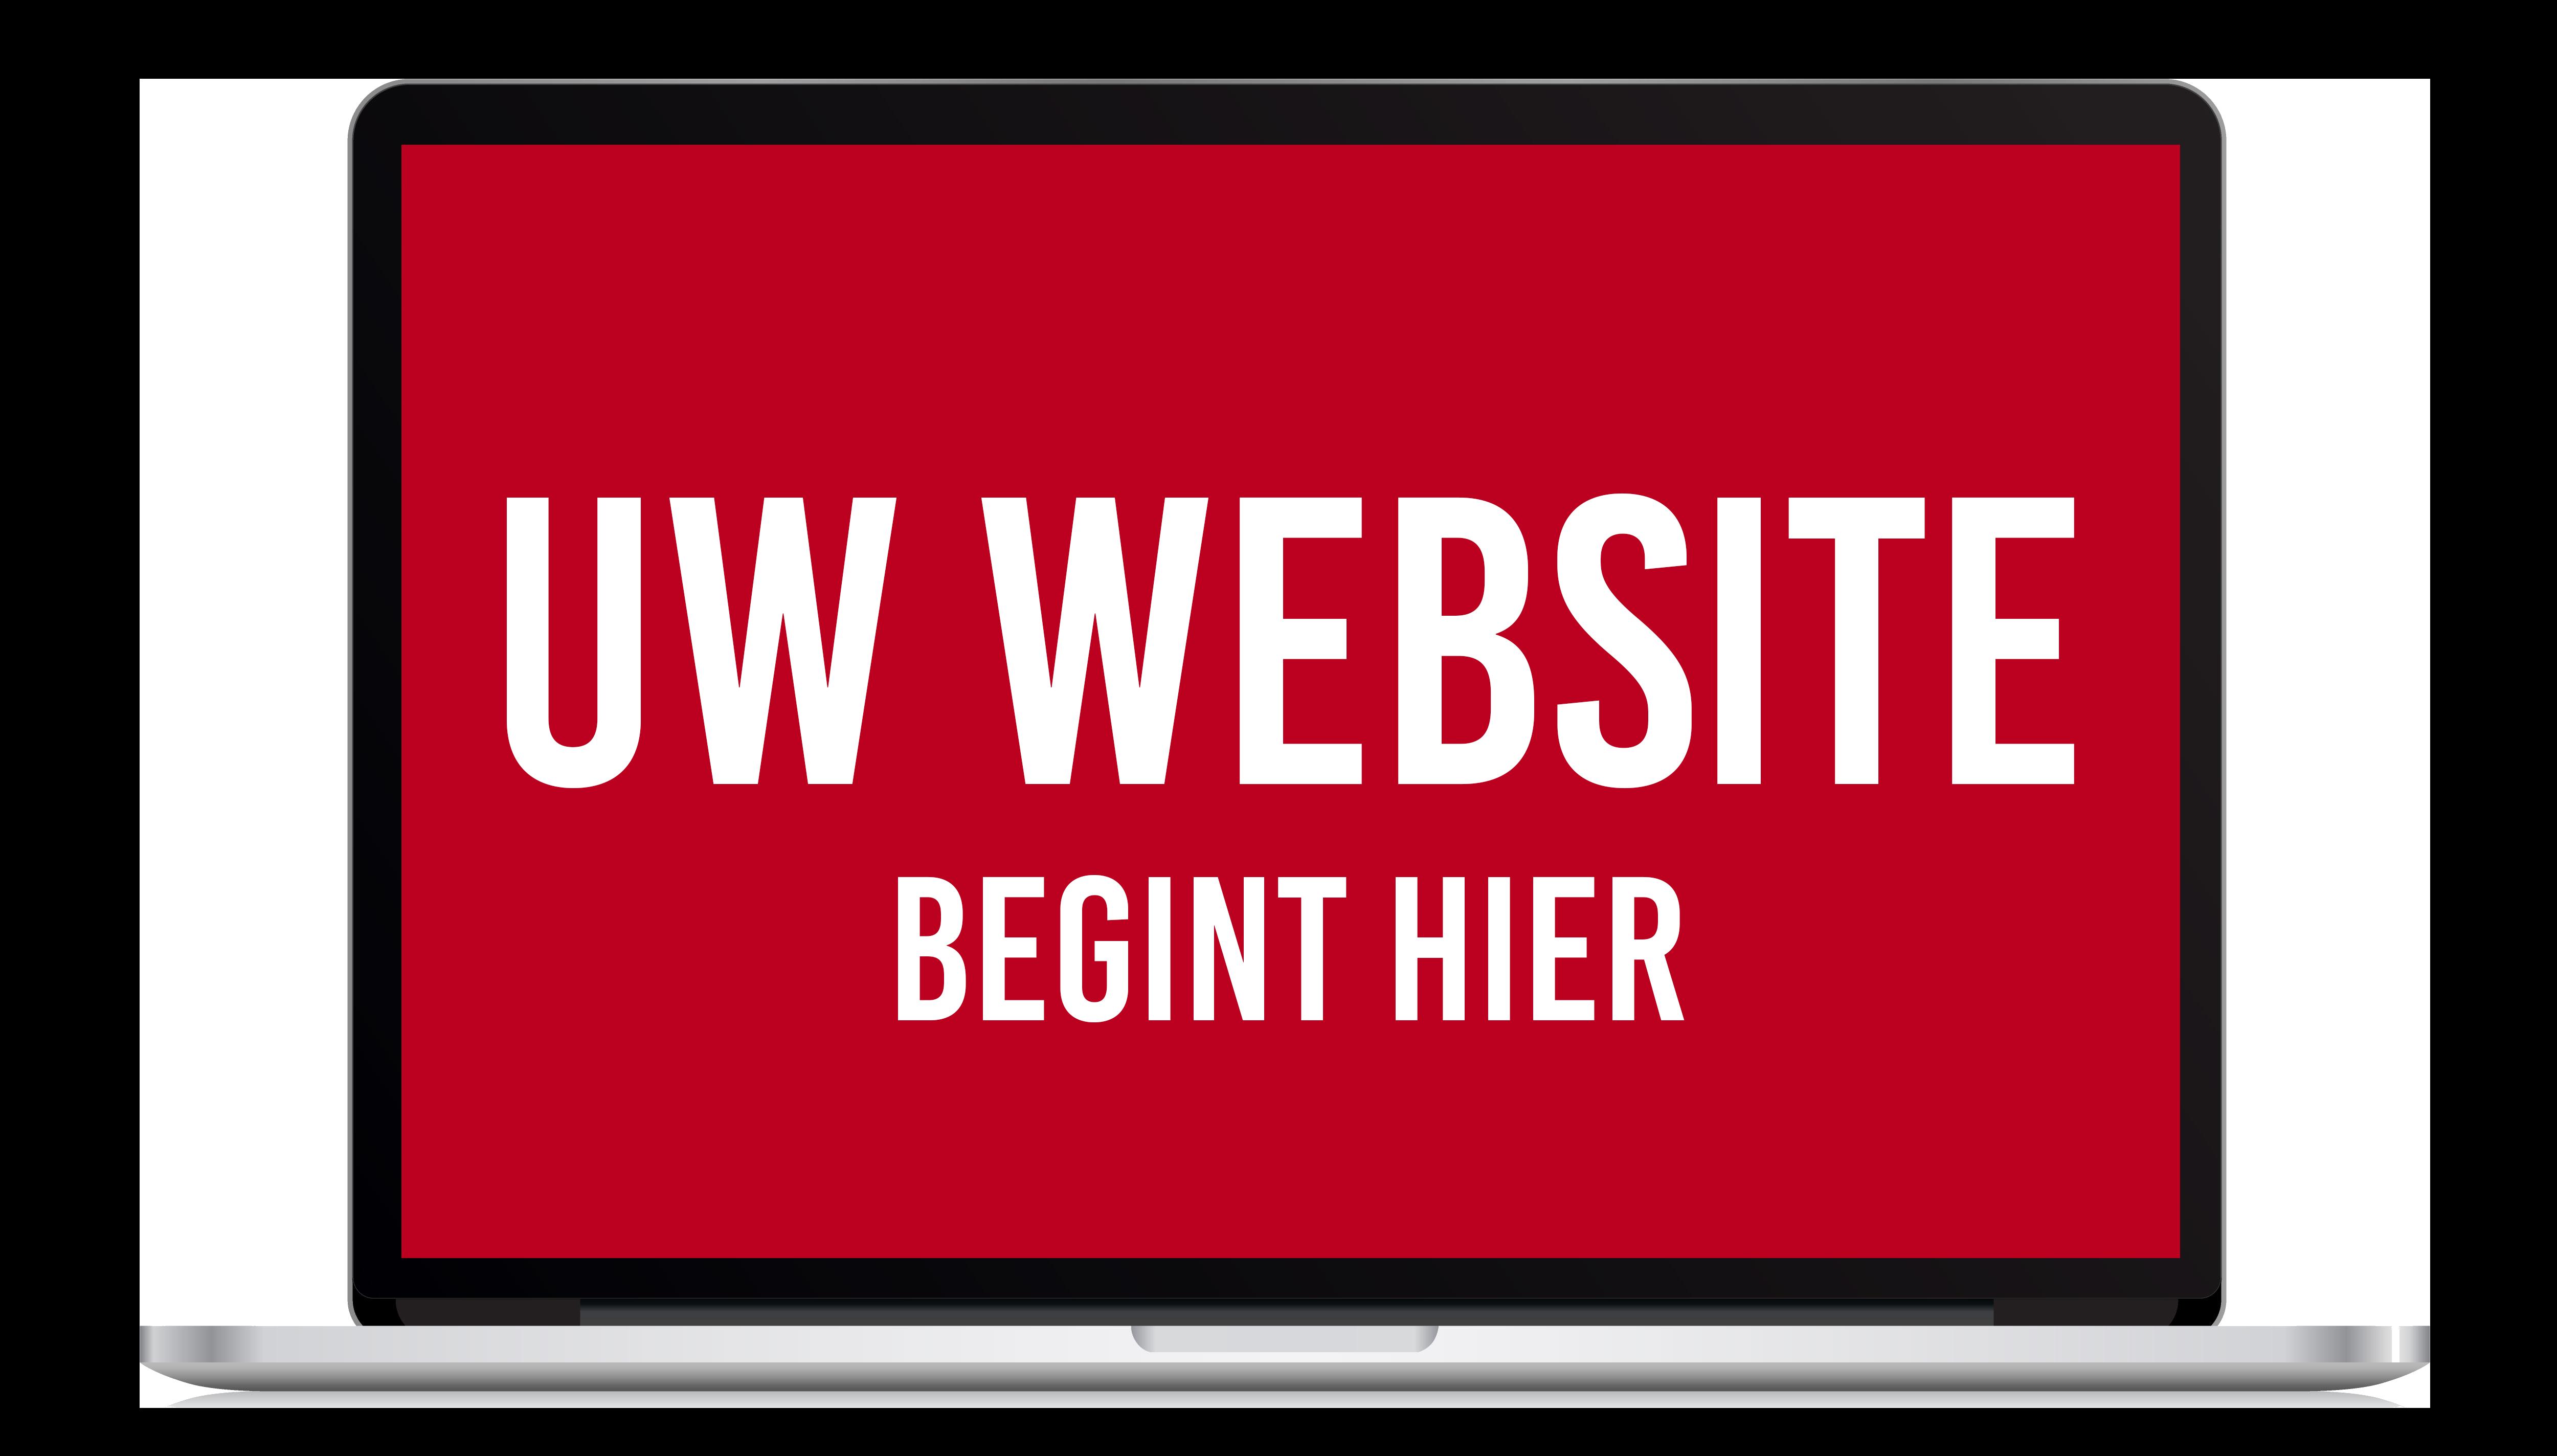 Uw website begint hier!